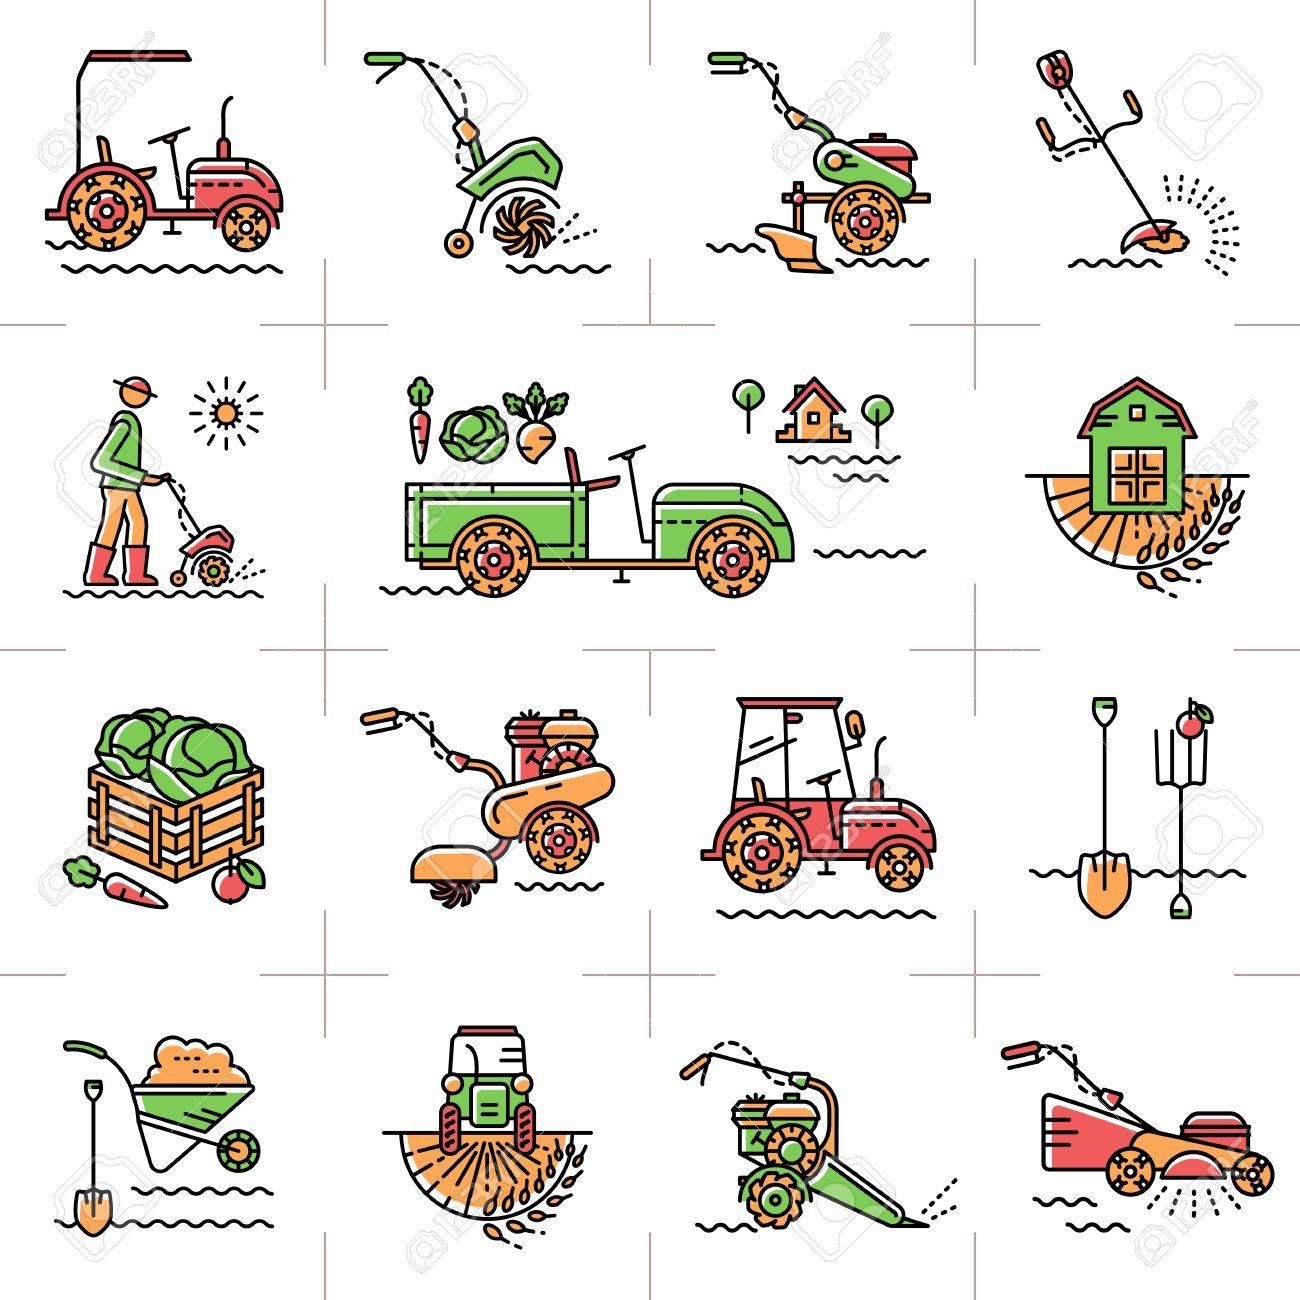 Agriculture, machines agricoles, outils de jardin, matériel de jardinage:  talles cultivateurs mini tracteur. Un ensemble de ligne colorée icônes art  ...